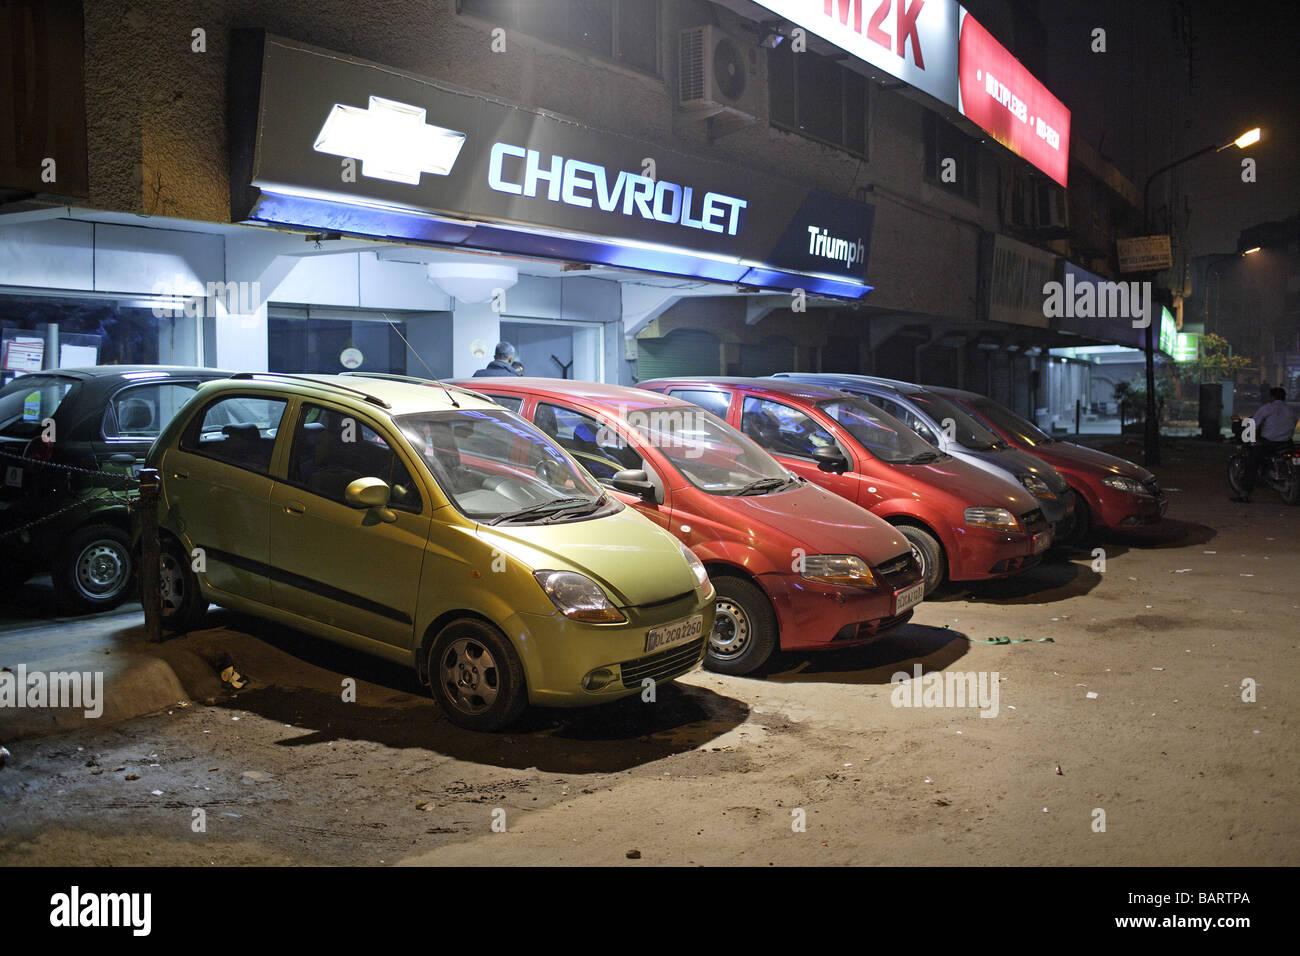 Chevrolet dealer New Delhi - Stock Image